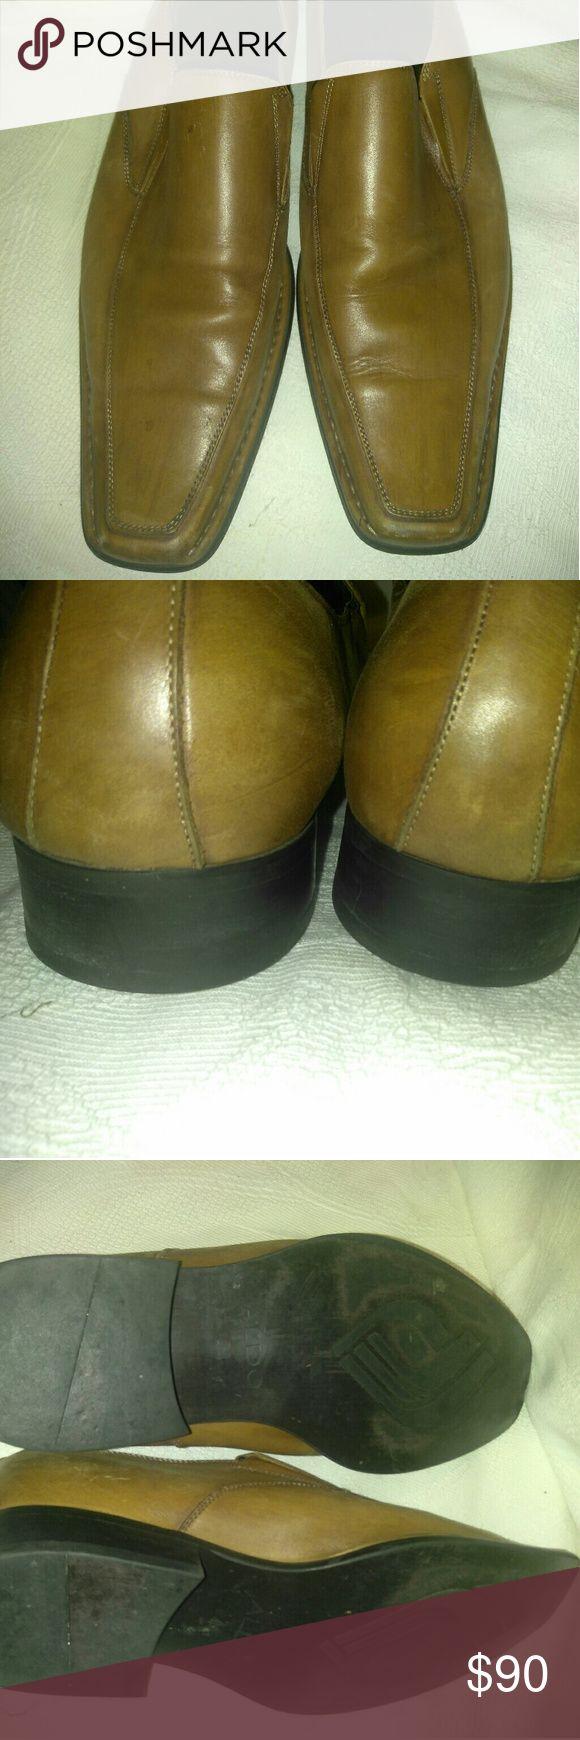 Aldo shoes Comfortable shoes for men Aldo Shoes